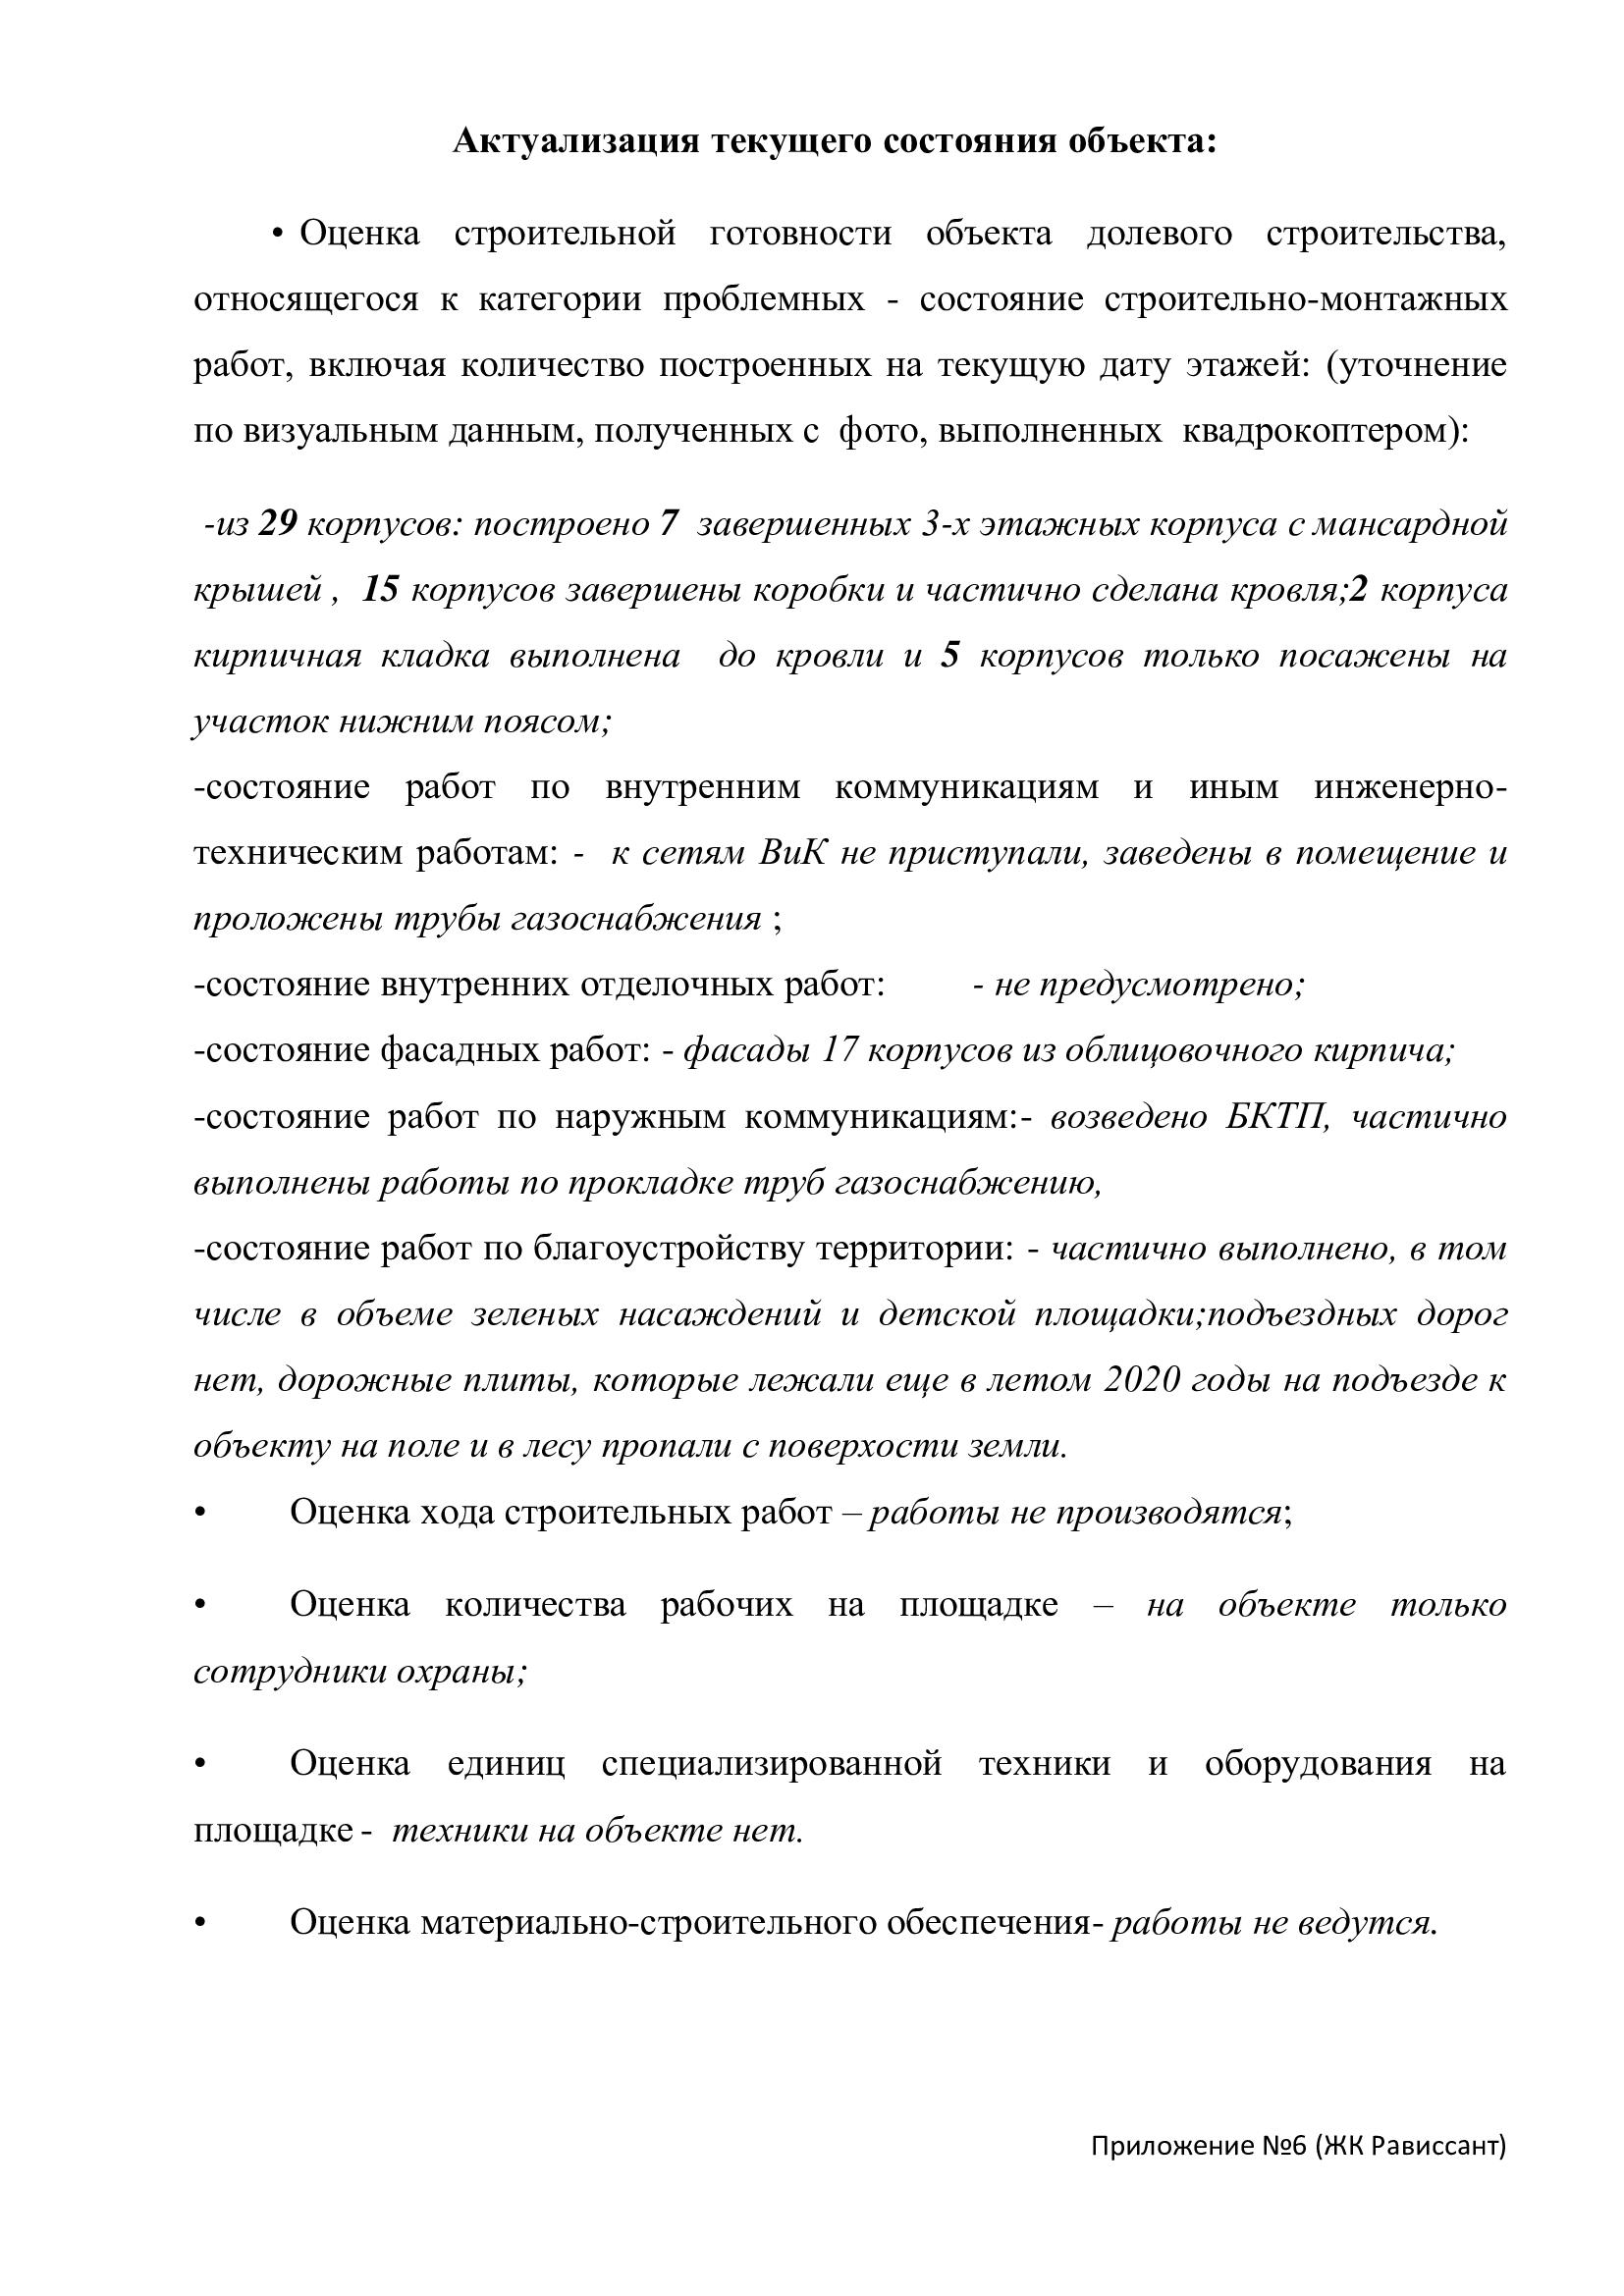 """Аналитическая справка о достройке ЖК """"Рависсант"""""""